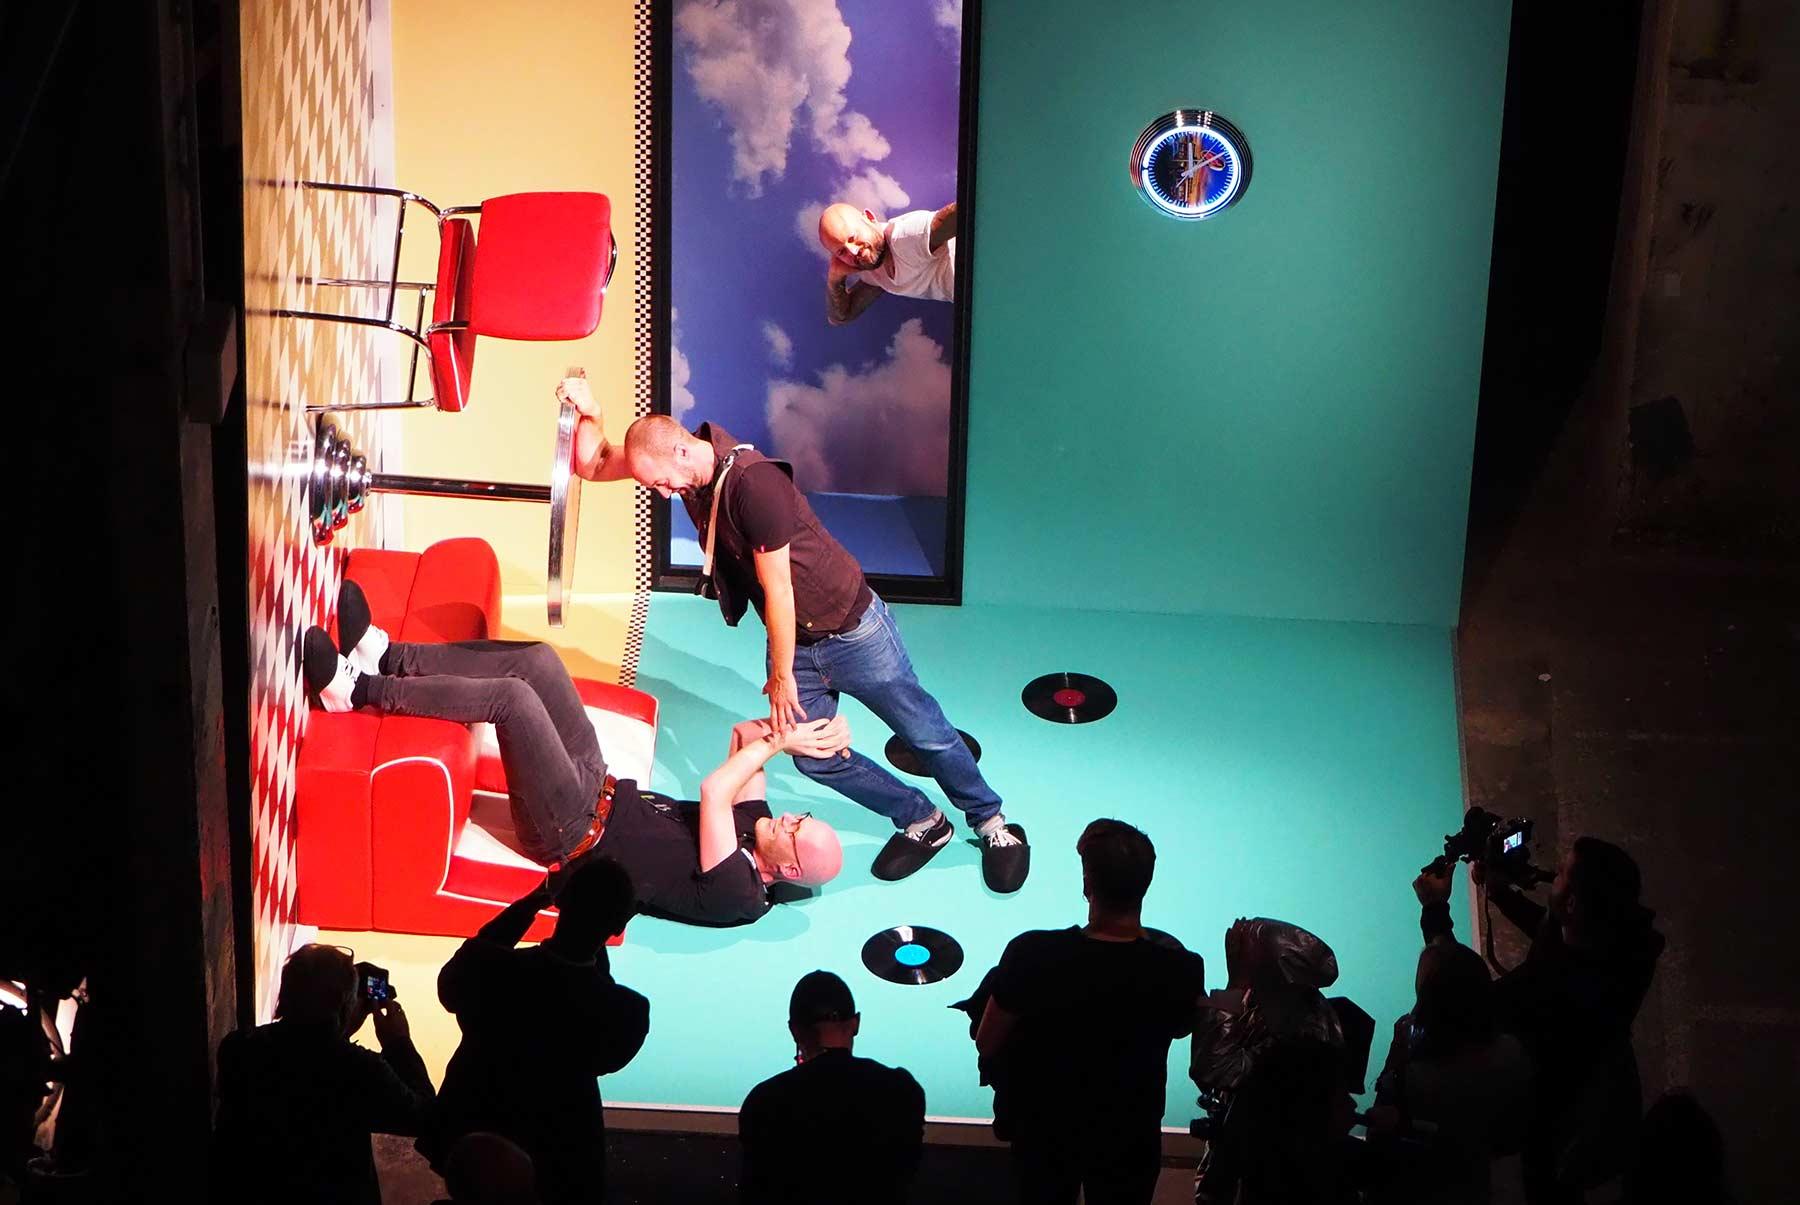 Der OLYMPUS PERSPECTIVE PLAYGROUND in Berlin ist eröffnet! Olympus-Perspective-Playground-Berlin-2017_10